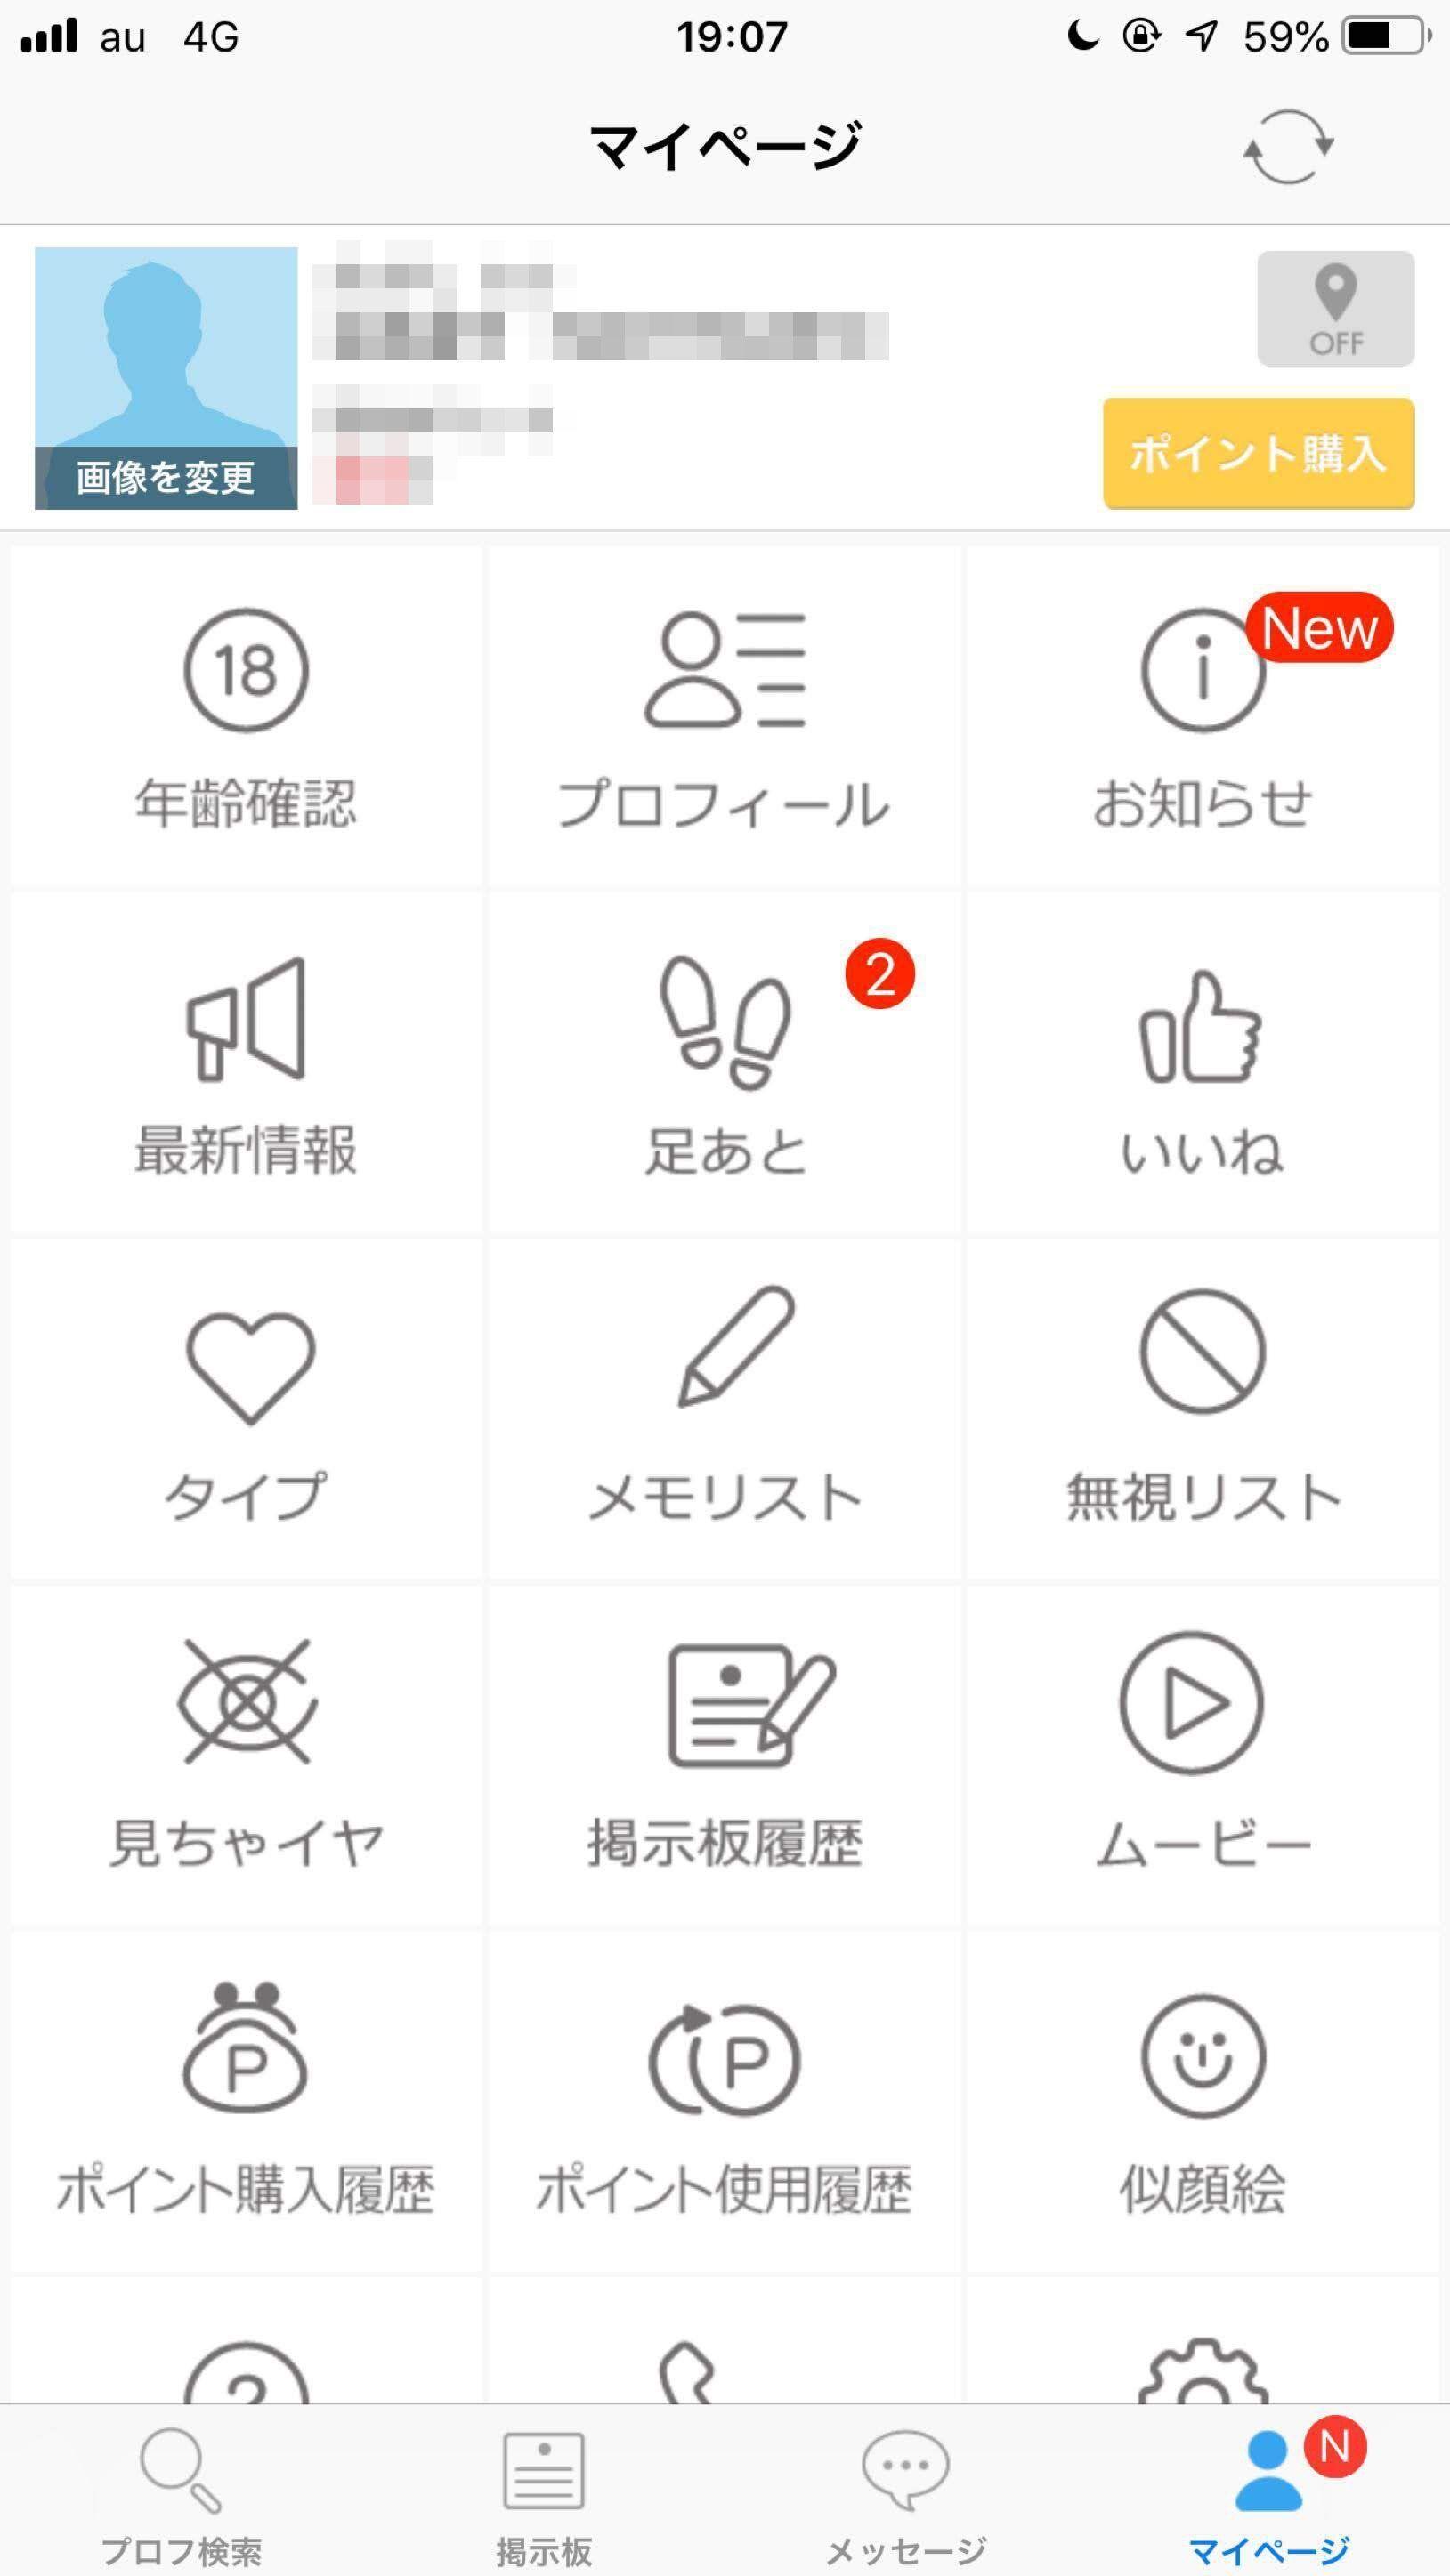 ハッピーメール 「マイページ」をタップ